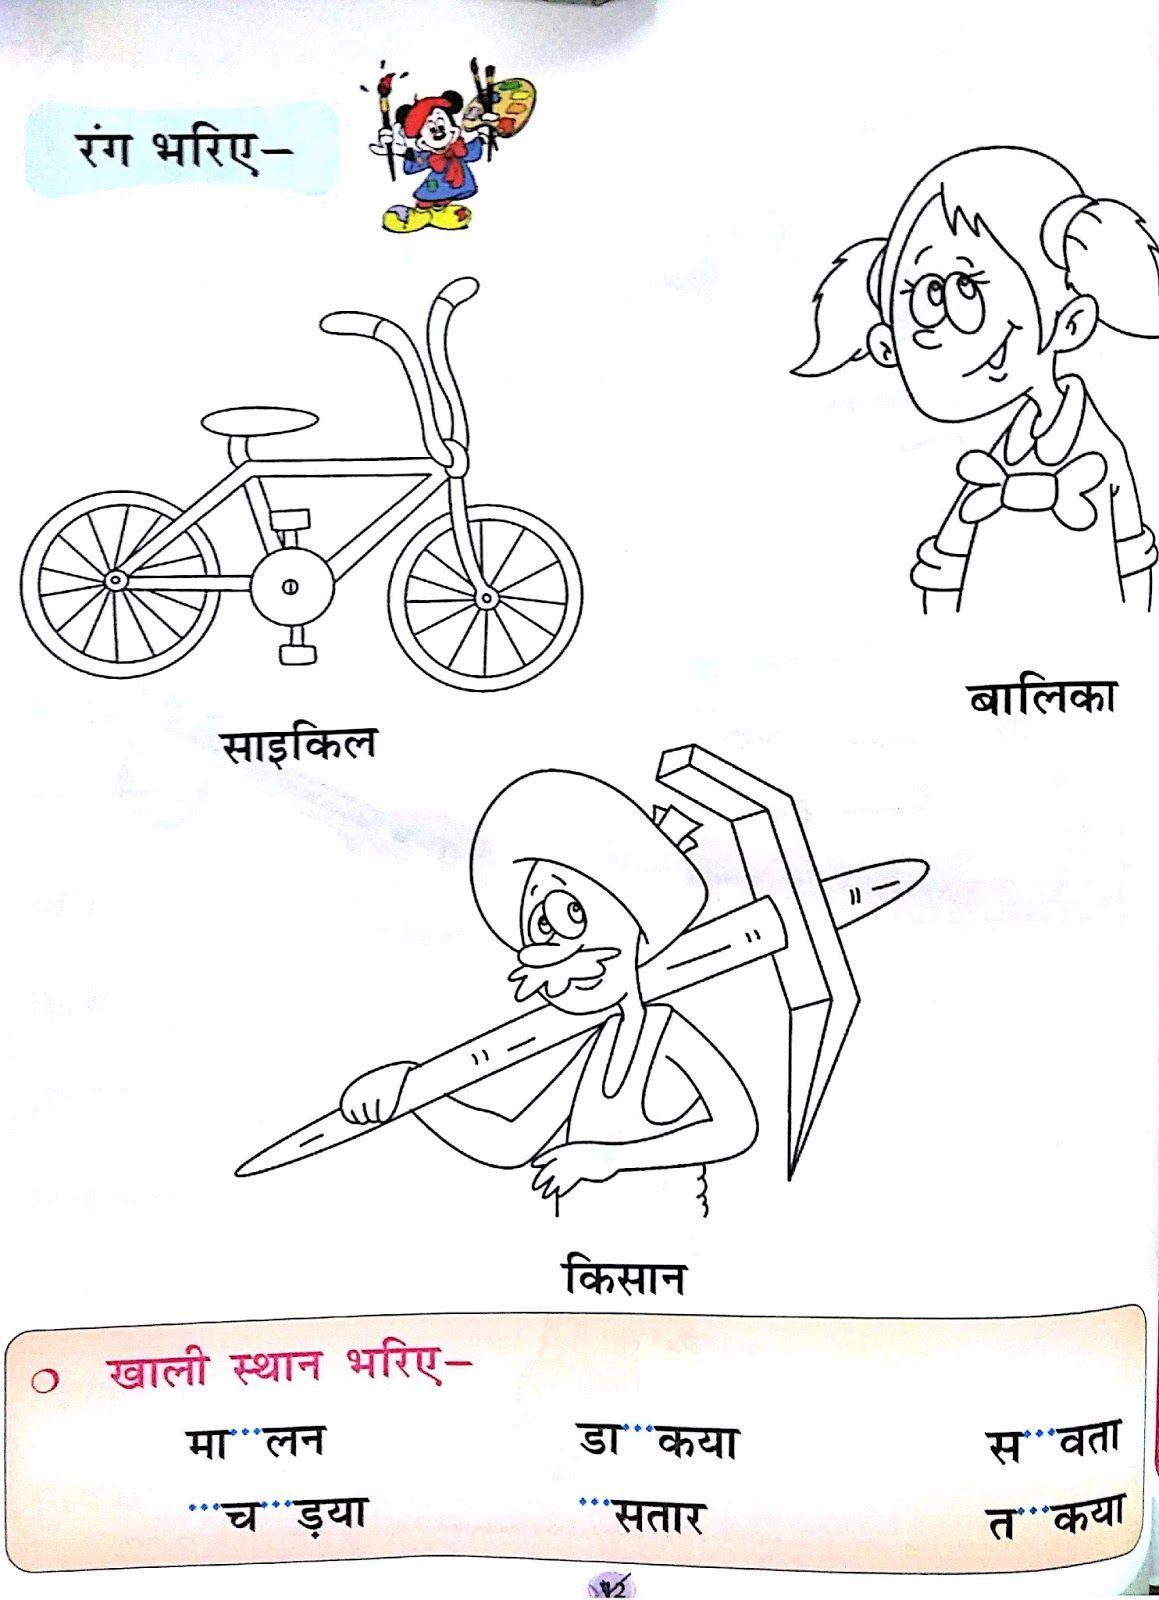 Pin By Chitra Gupta On Hindi Hindi Worksheets Hindi Alphabet Learn Hindi [ 1600 x 1159 Pixel ]